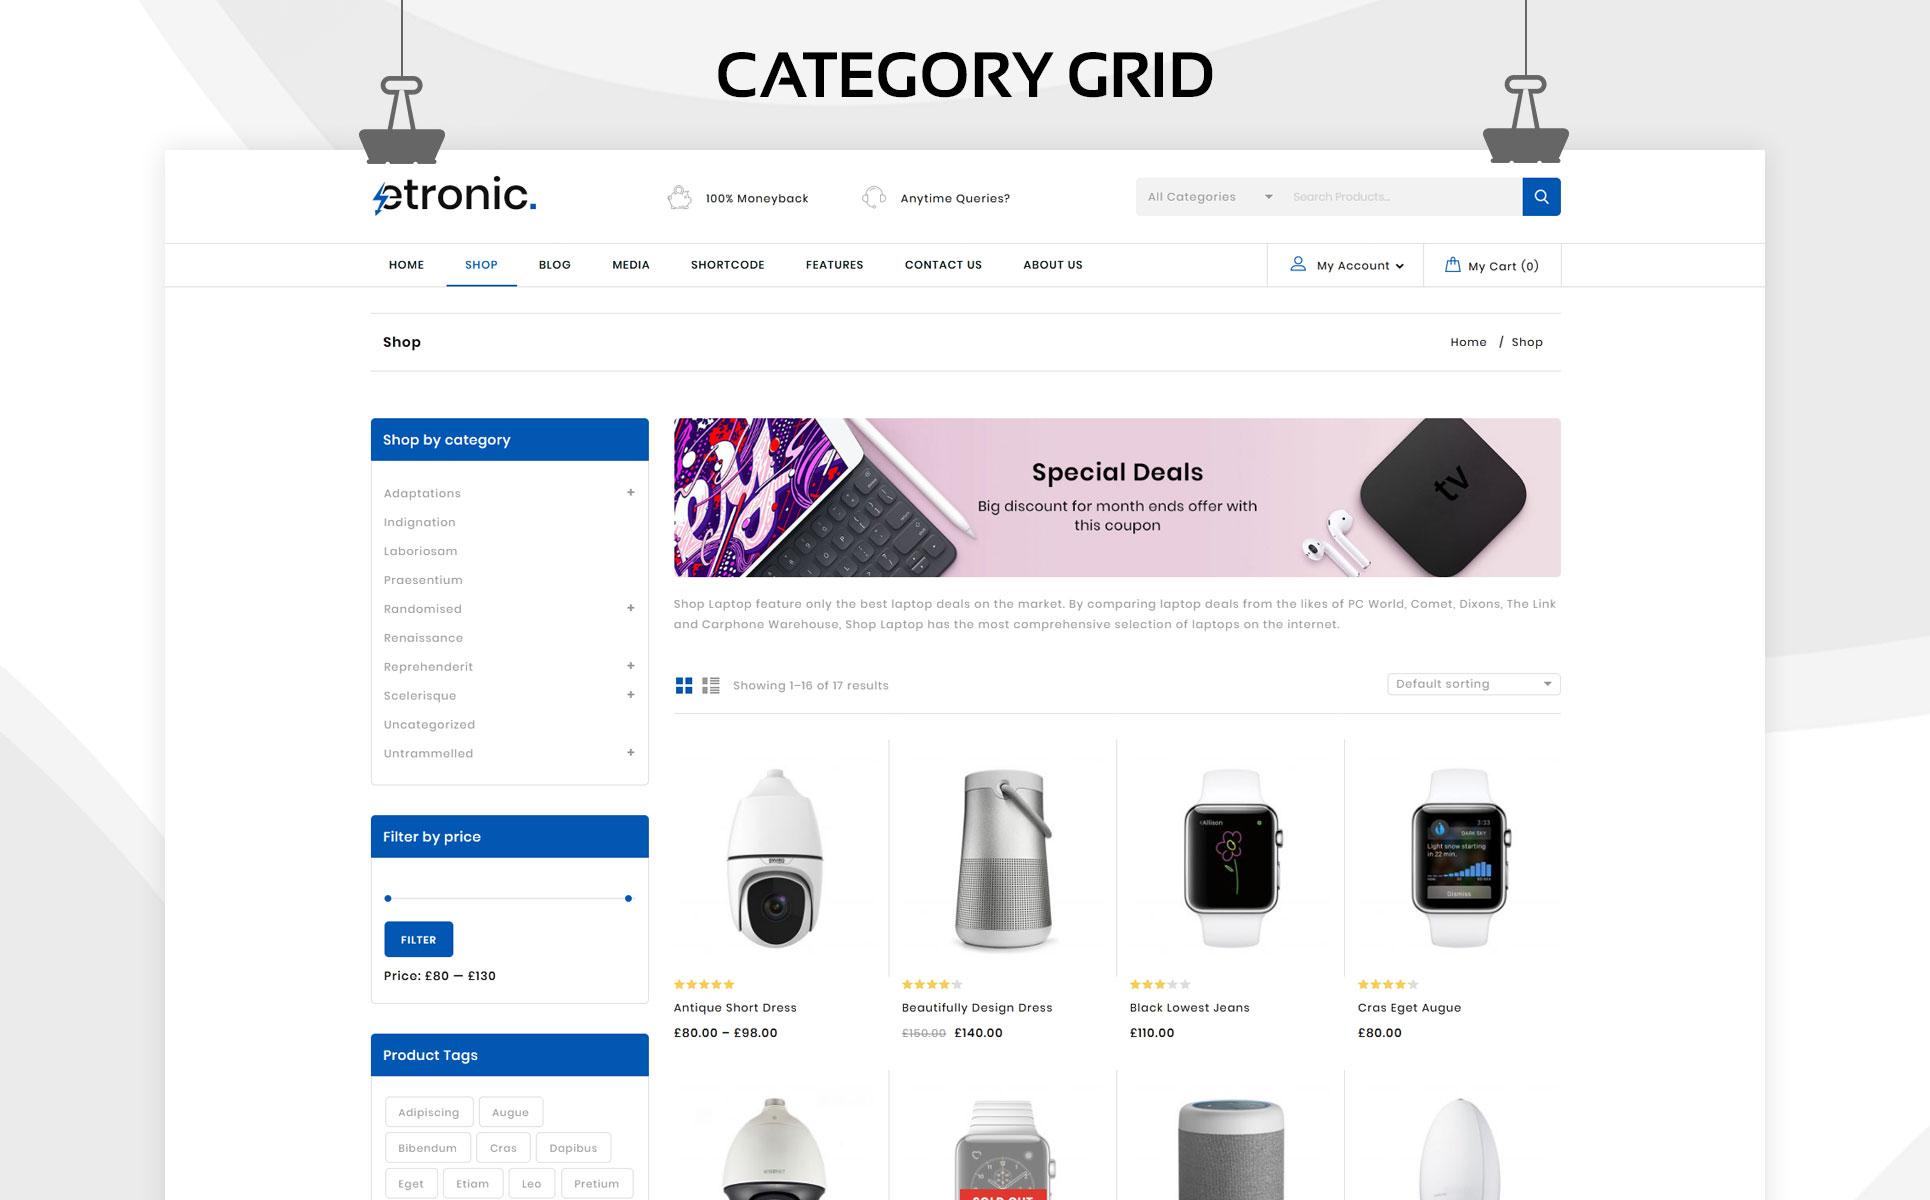 Etronic - The Mega Electronic Store WooCommerce Theme